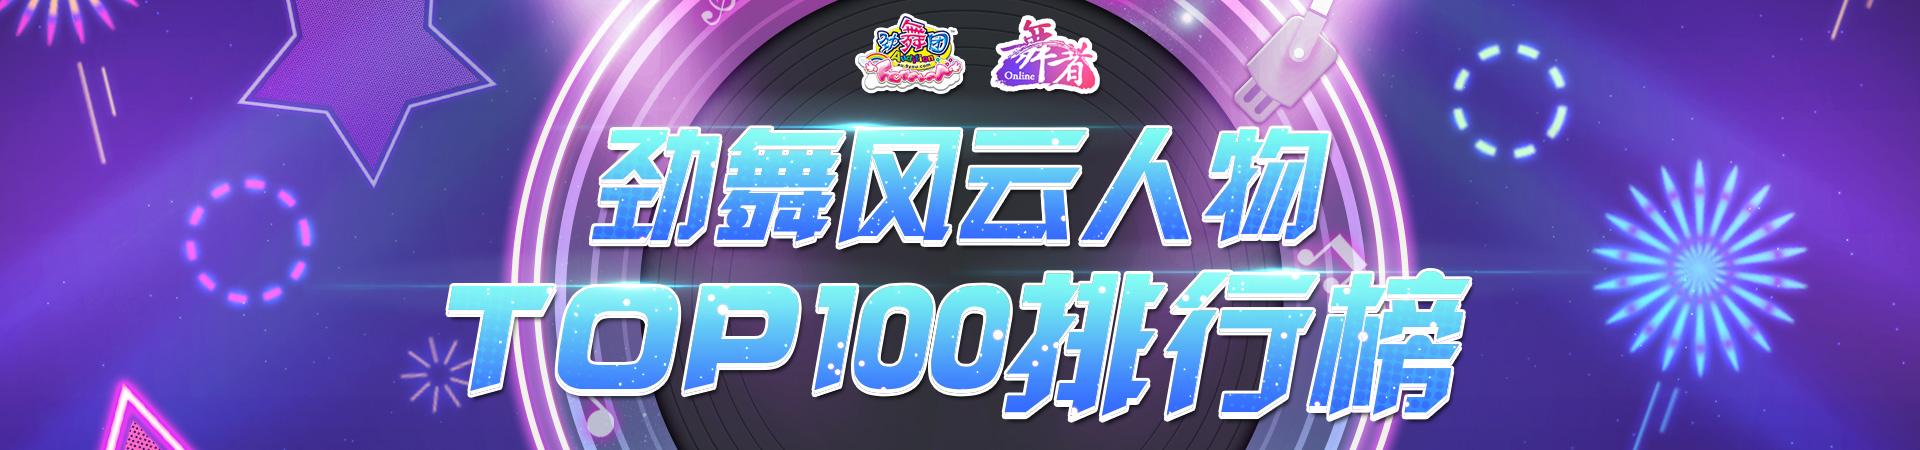 劲舞风云人物TOP100排行榜 火爆上线